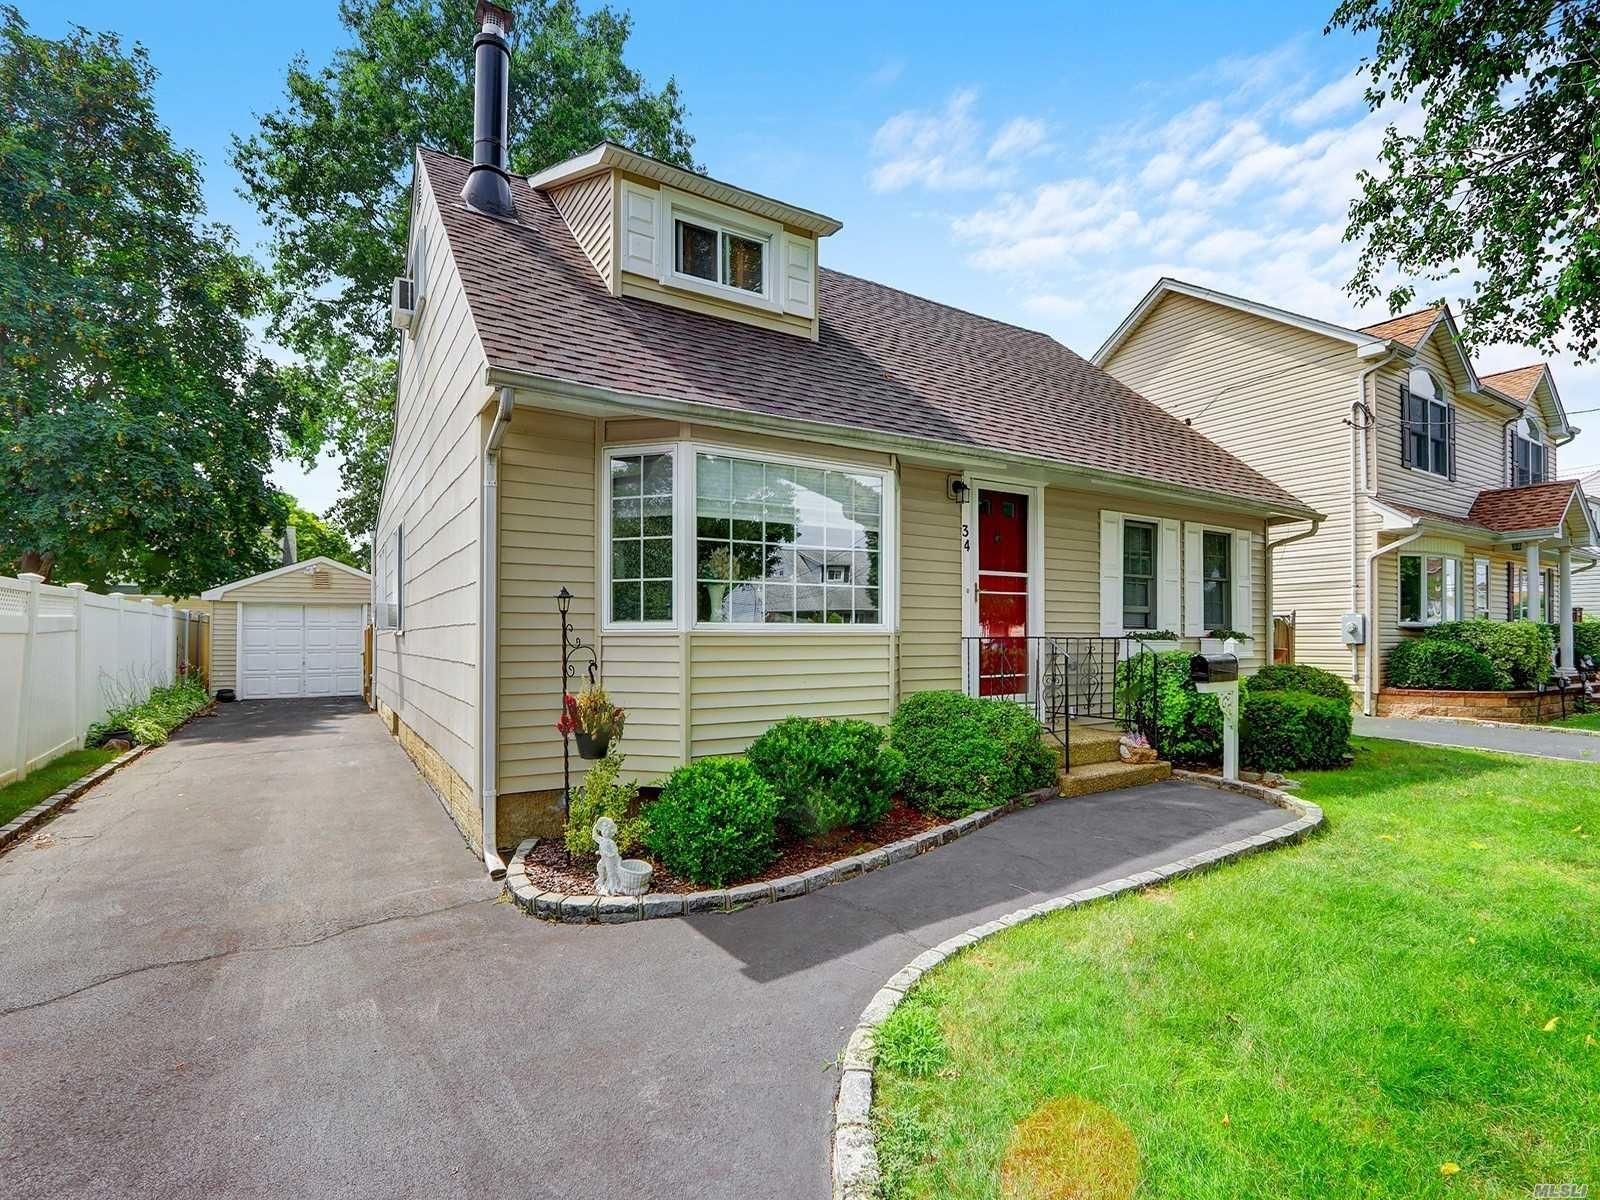 34 Smith Street, Hicksville, NY 11801 - MLS#: 3240789